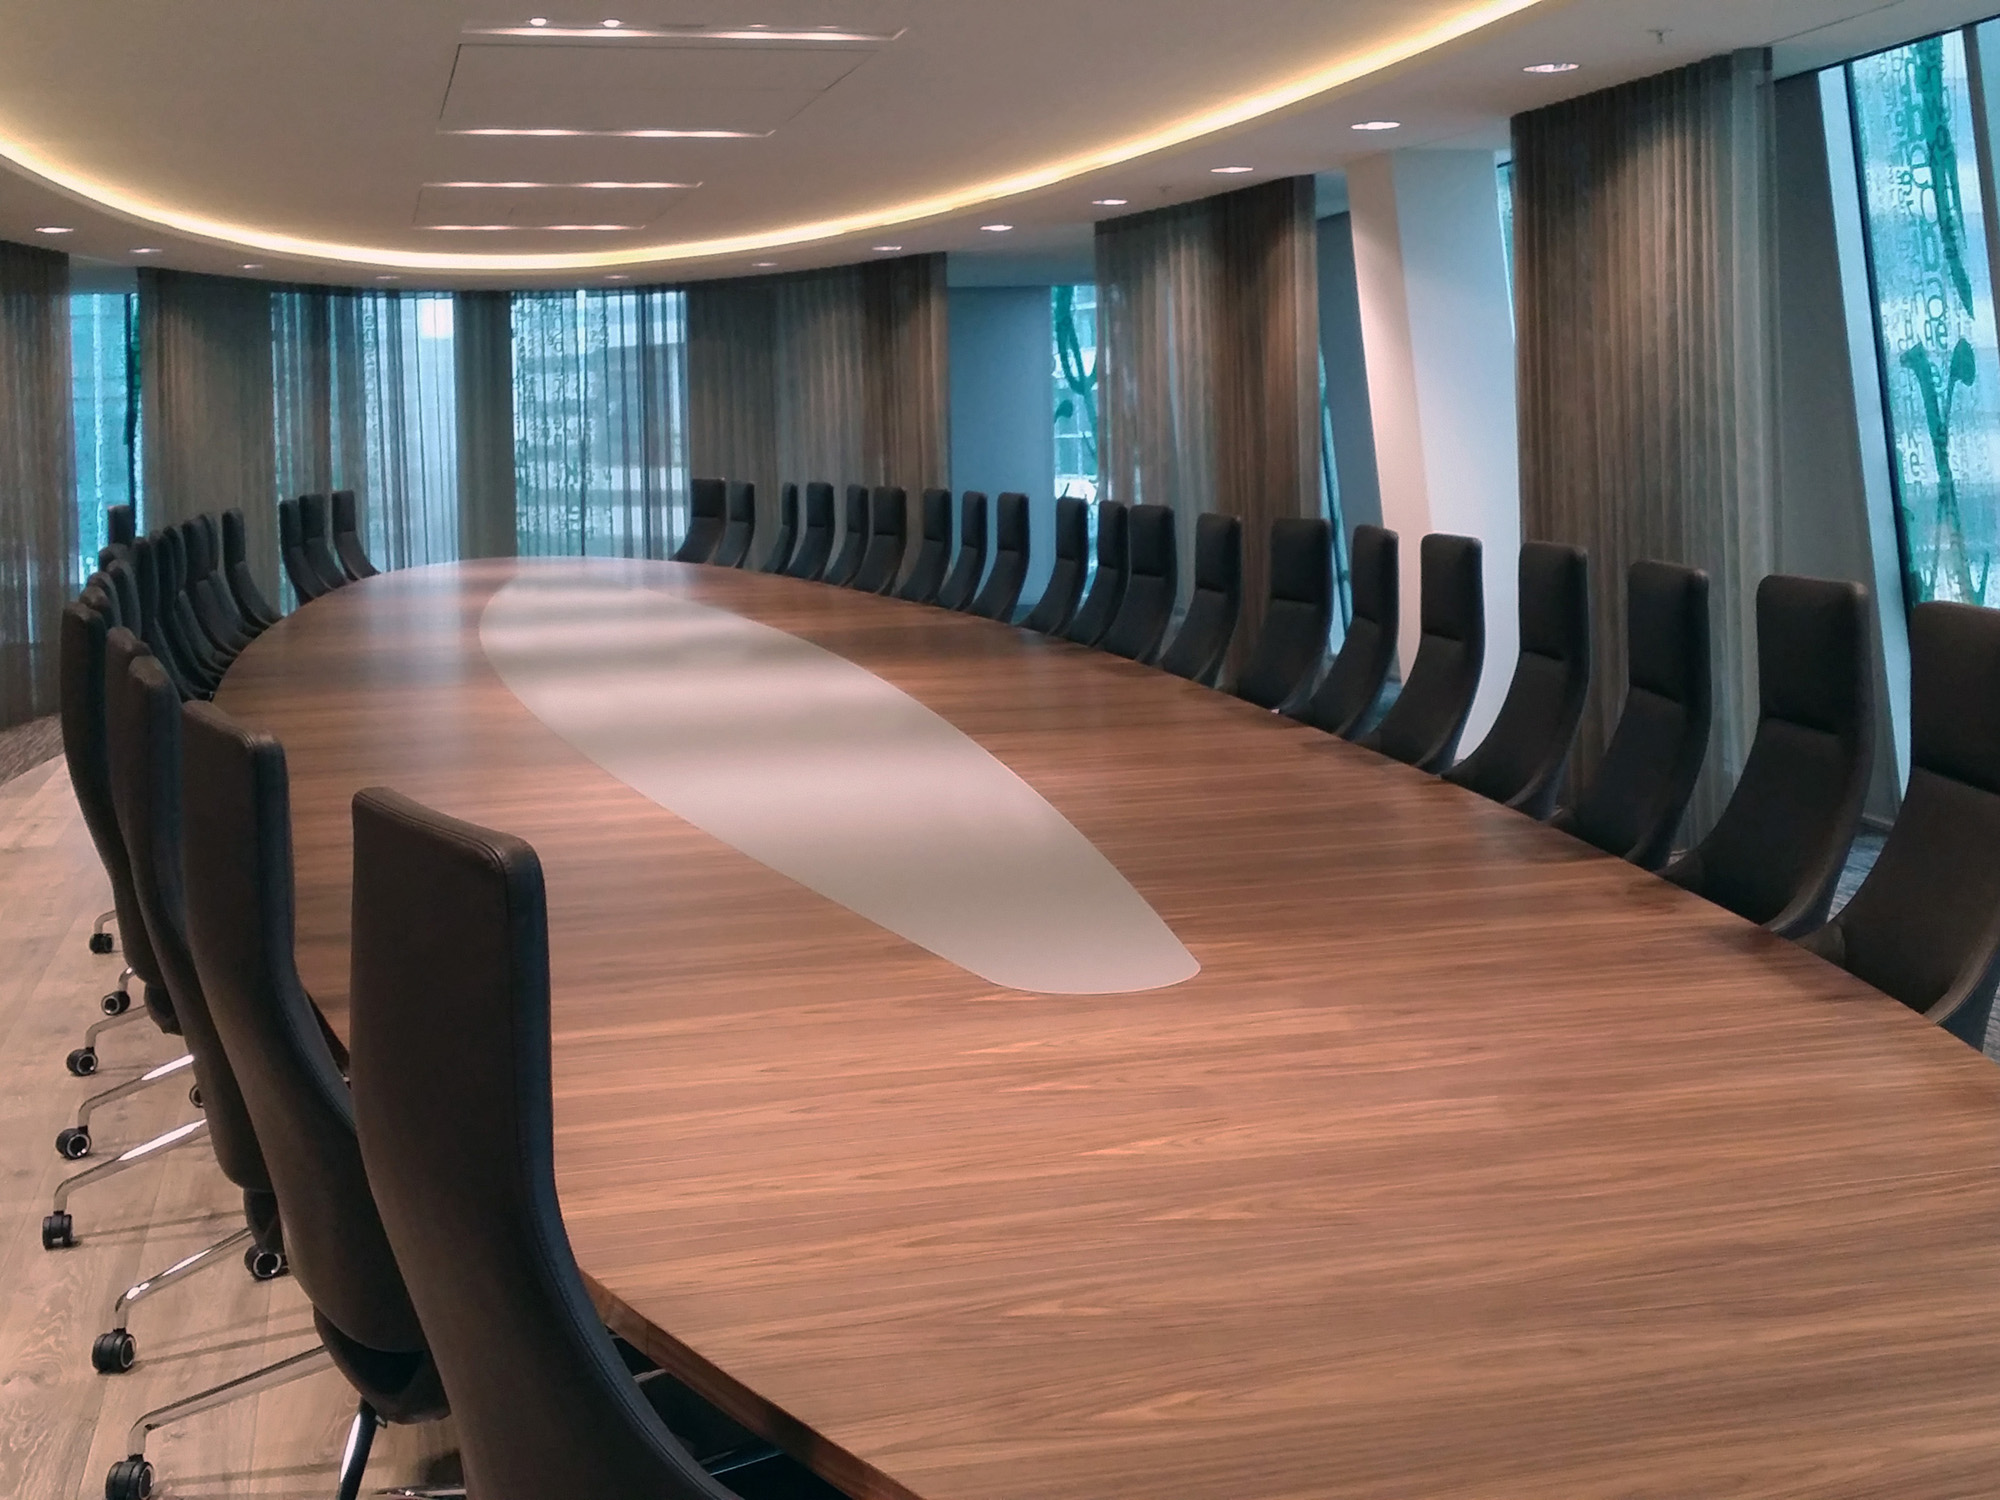 Maatwerk Castelijn boardroomtafel